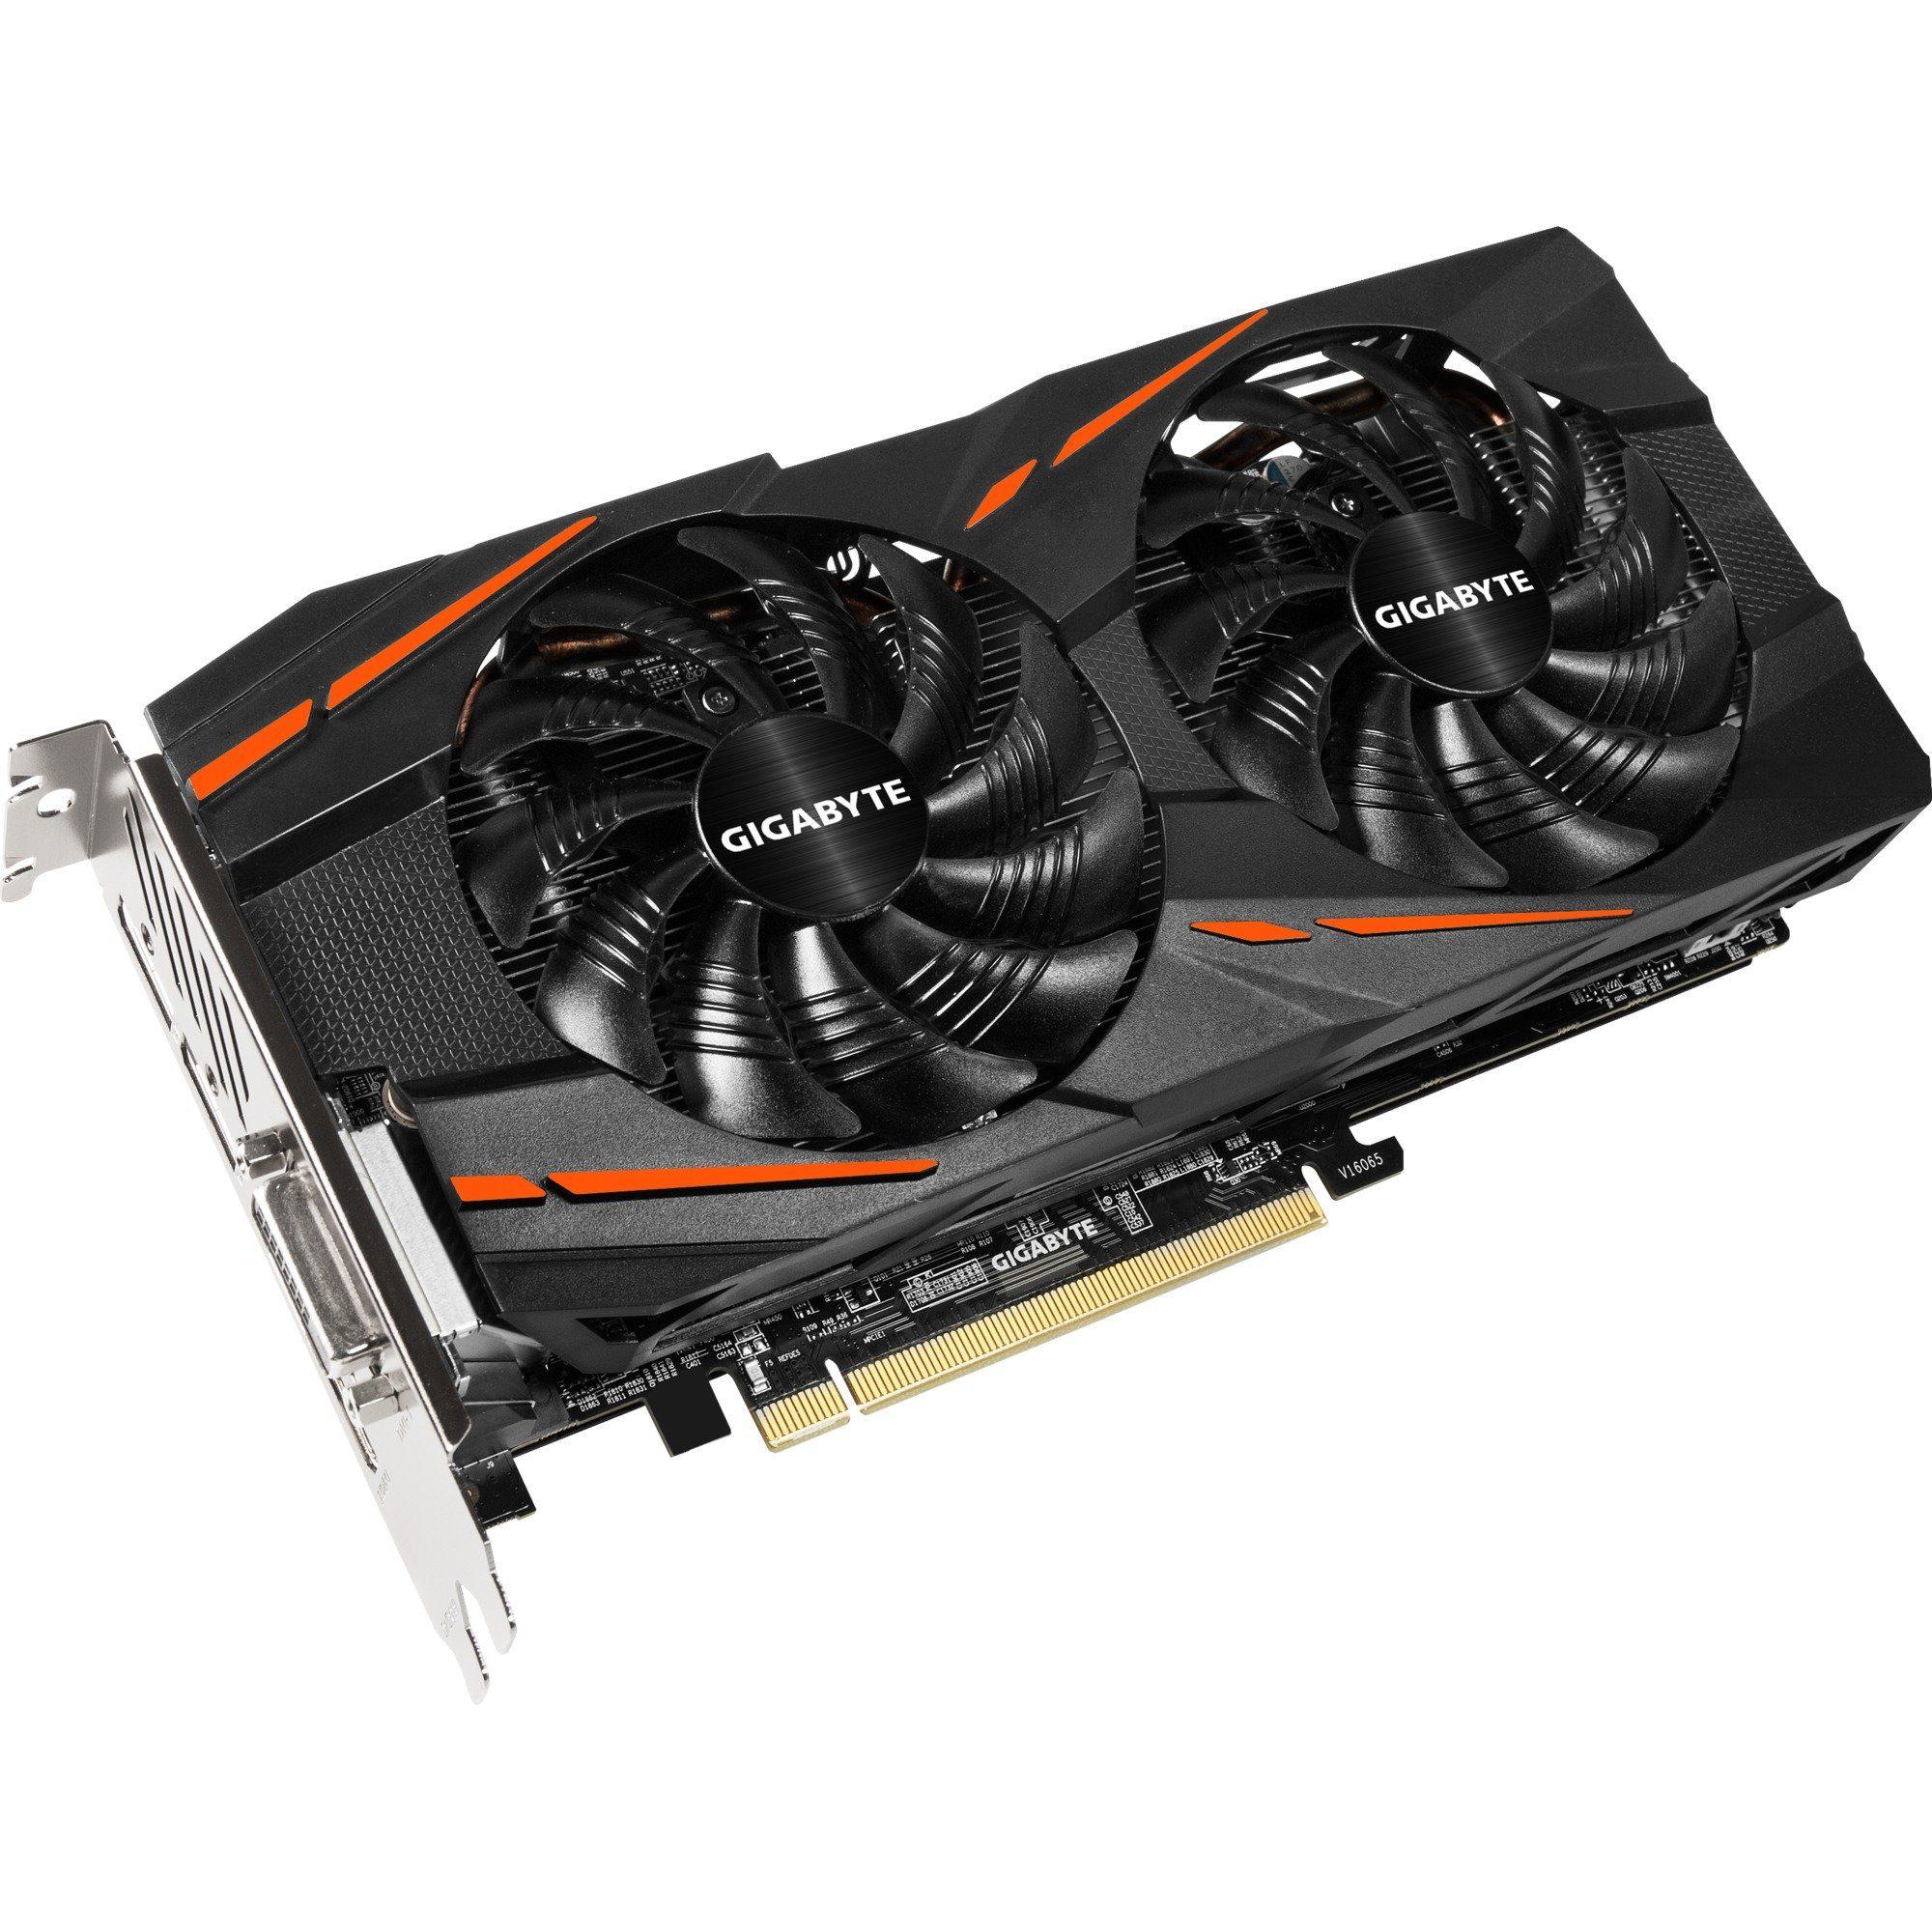 GIGABYTE Grafikkarte »Radeon RX 480 G1 Gaming 8G«